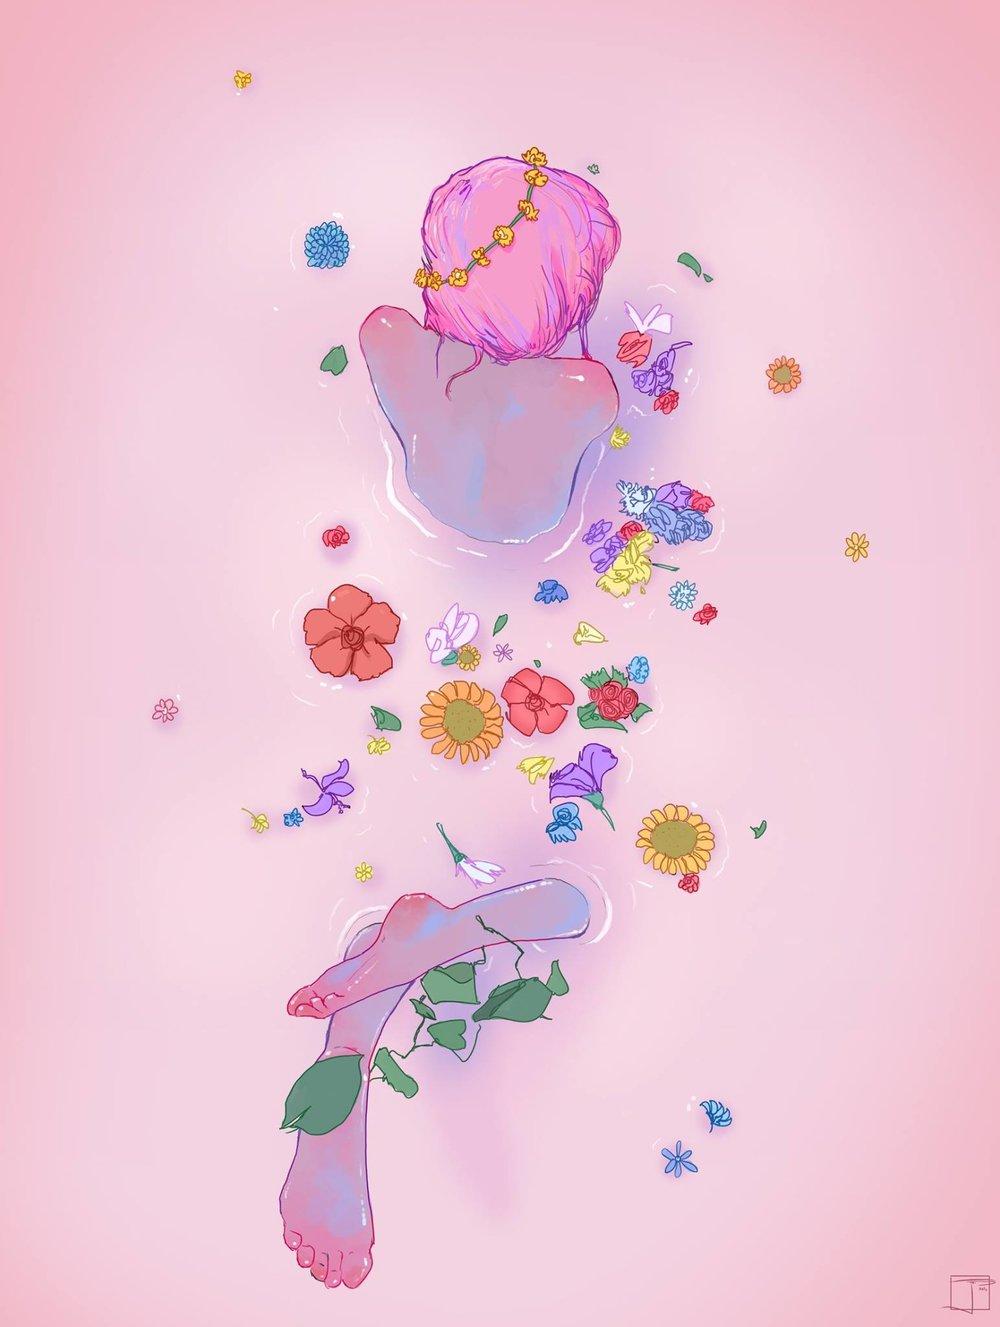 Phazed-Visual Atelier 8-Illustration-Art-9.jpg